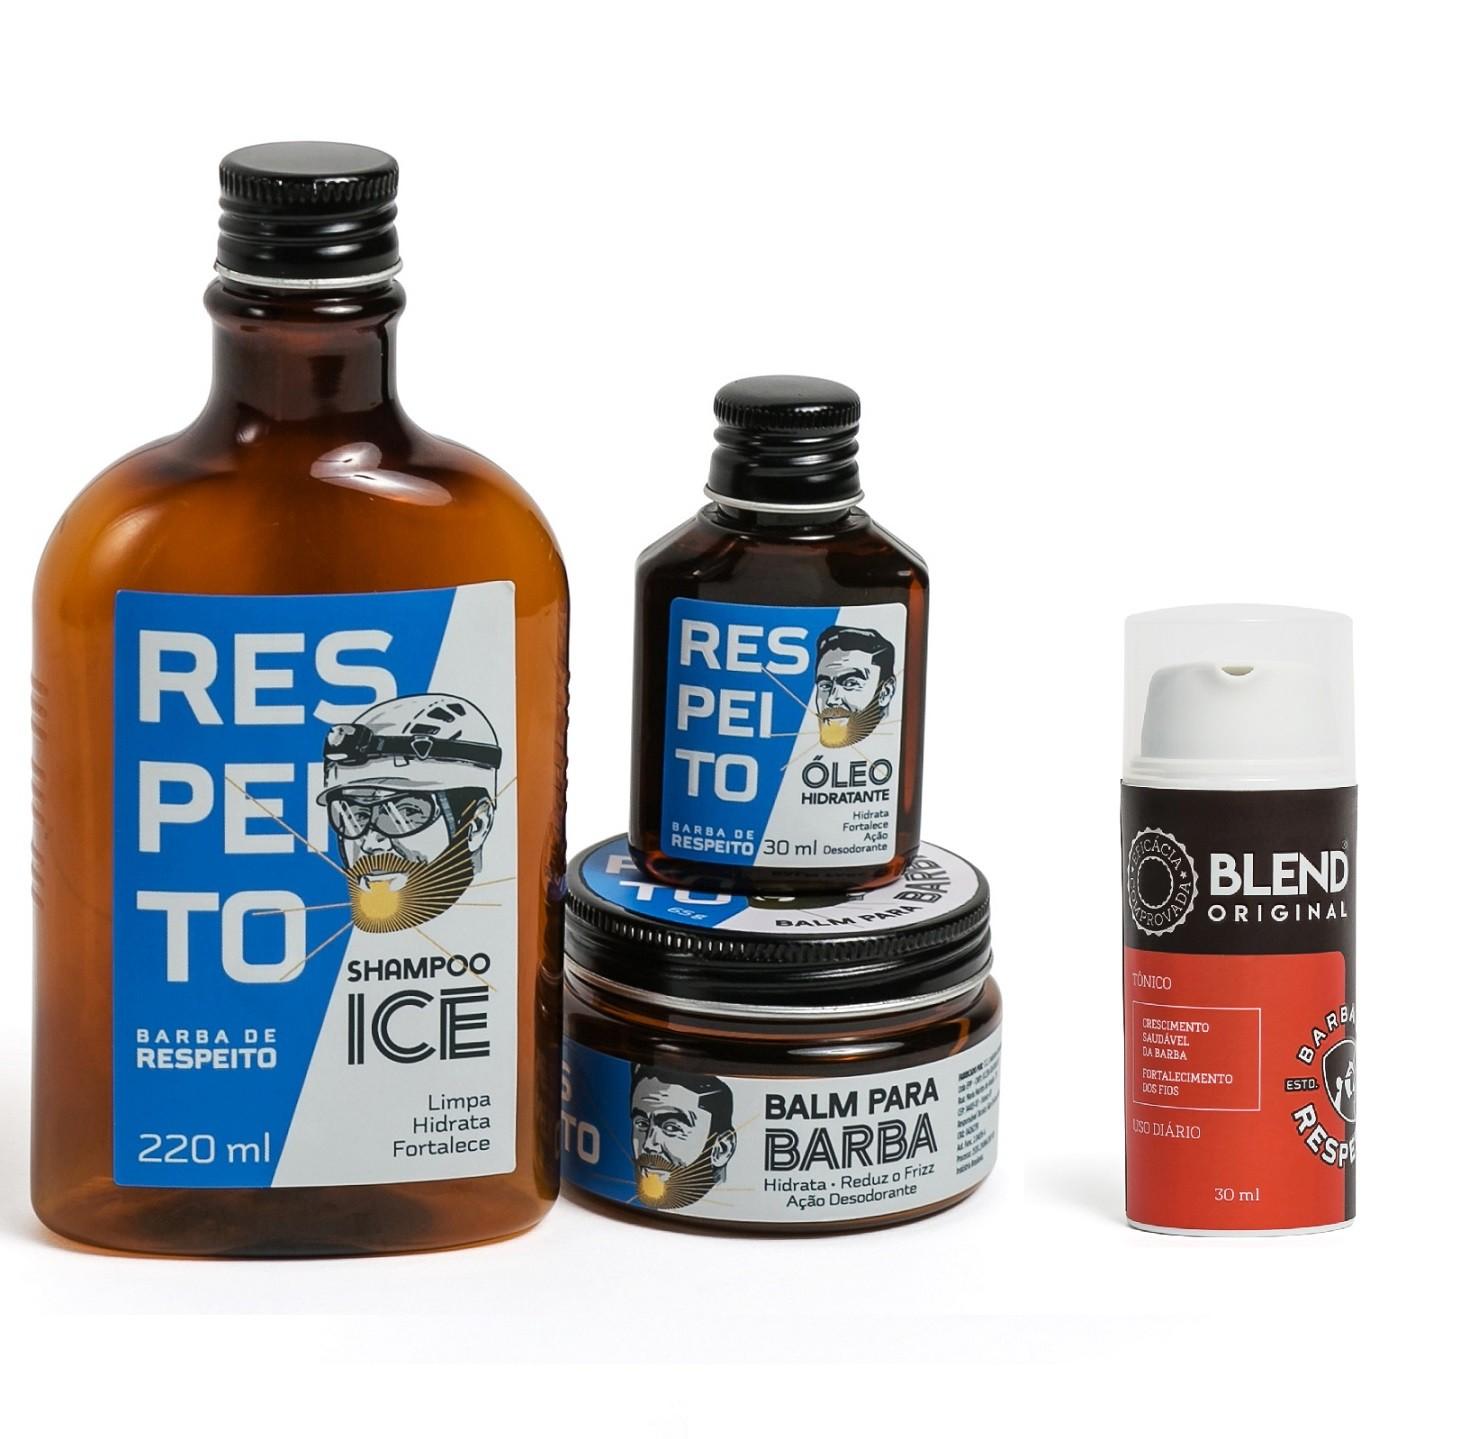 Kit Ice + Blend - Barba de Respeito